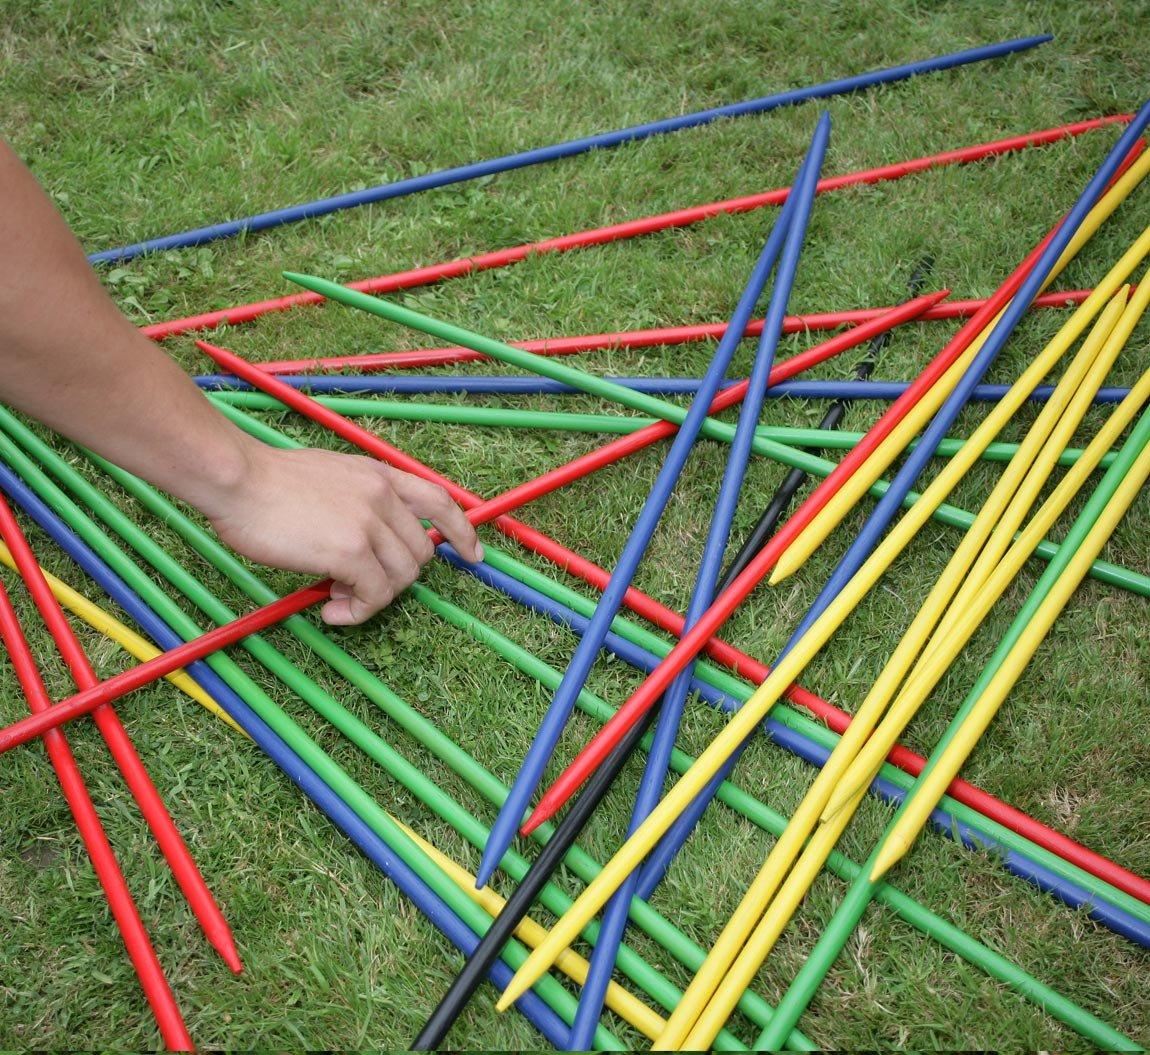 Forestfox - Juego de 25 palos gigantes para recoger, madera maciza, para jardín, al aire libre, familia divertida: Amazon.es: Hogar